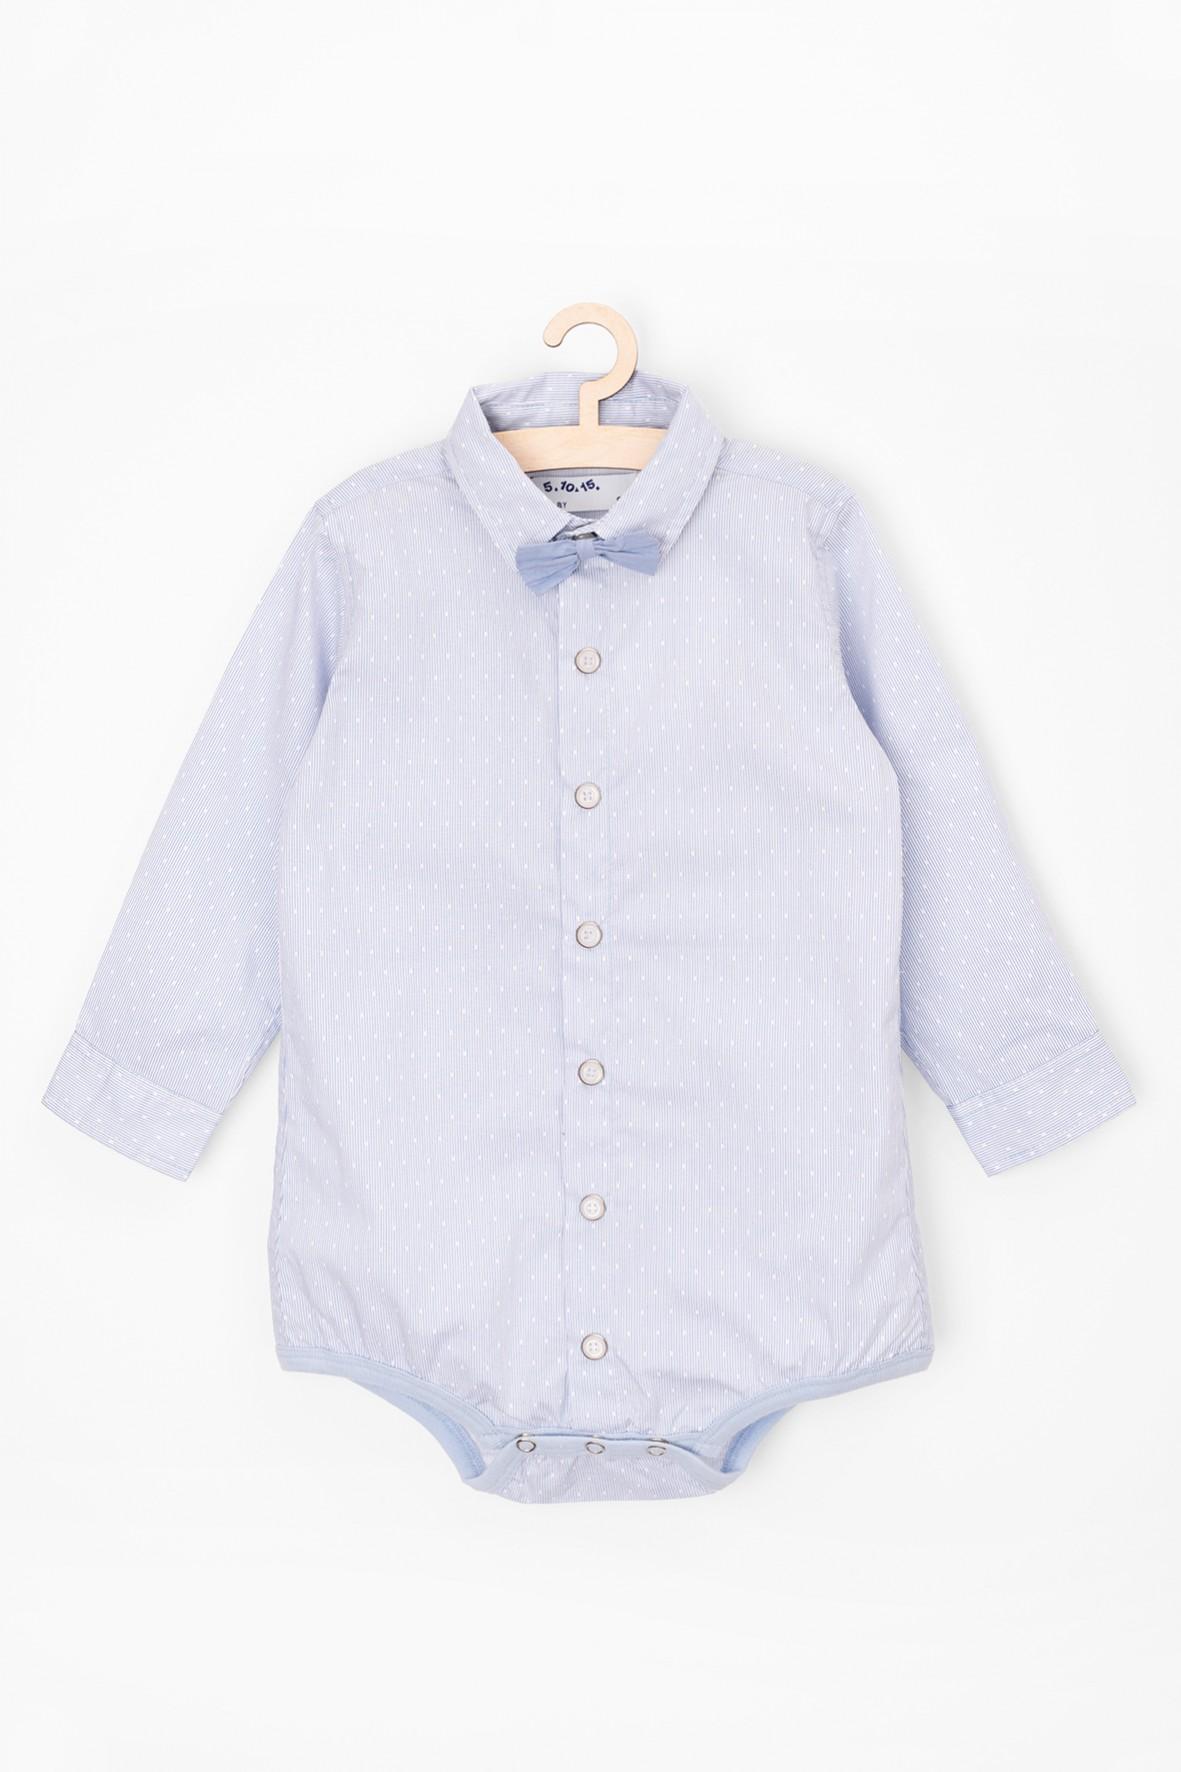 Dodatkowe Elegancie body z długim rękawem dla niemowlaka- ubrania na XF11